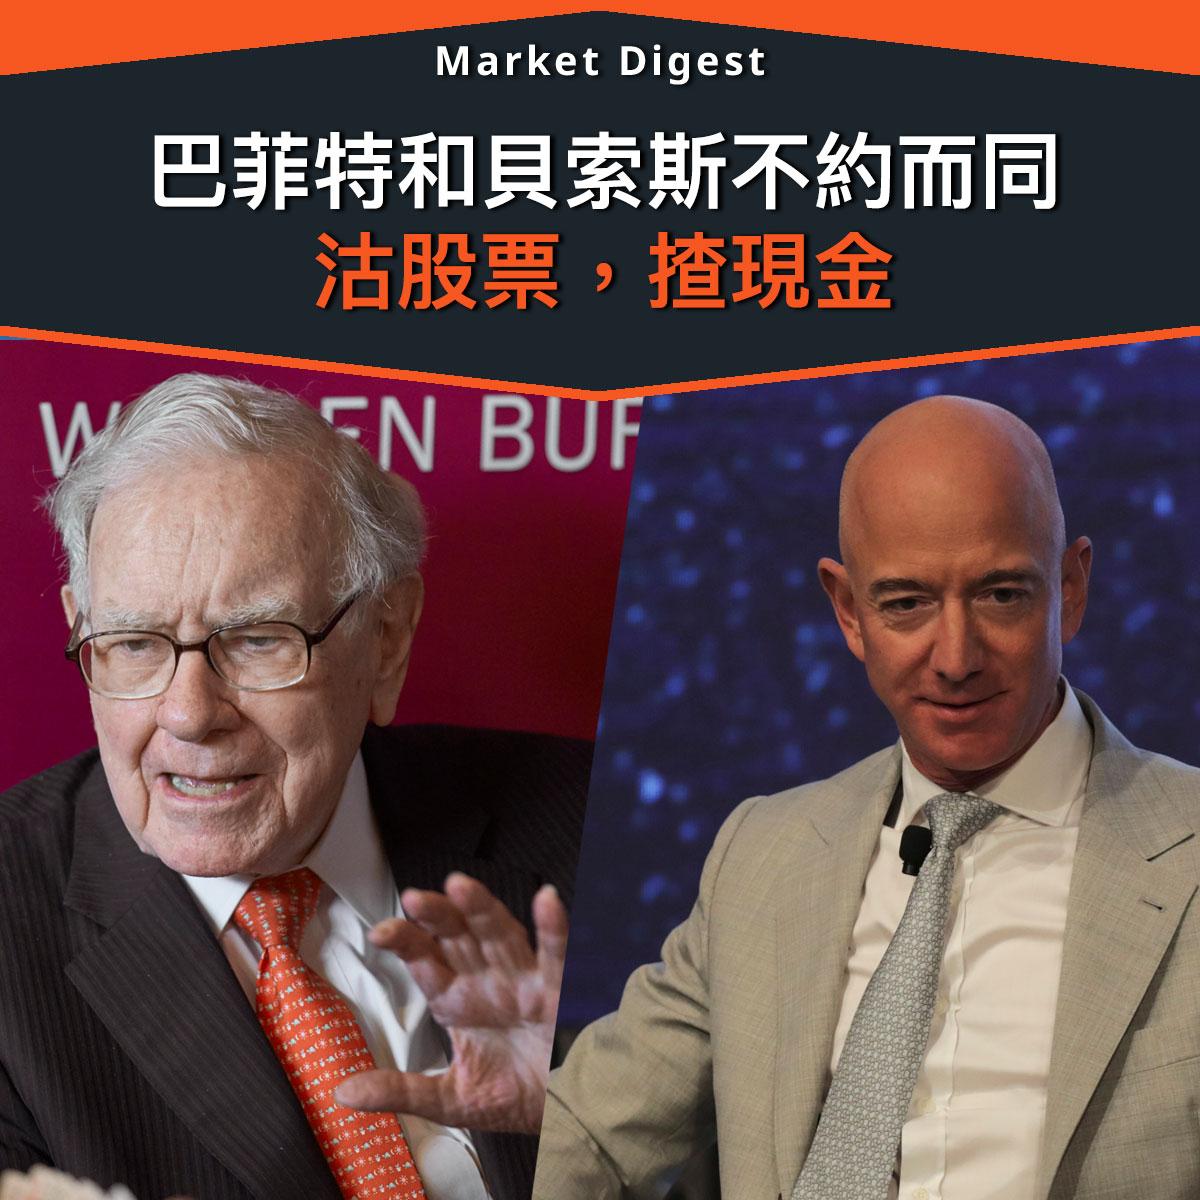 巴菲特和貝索斯不約而同「沽股票,揸現金」